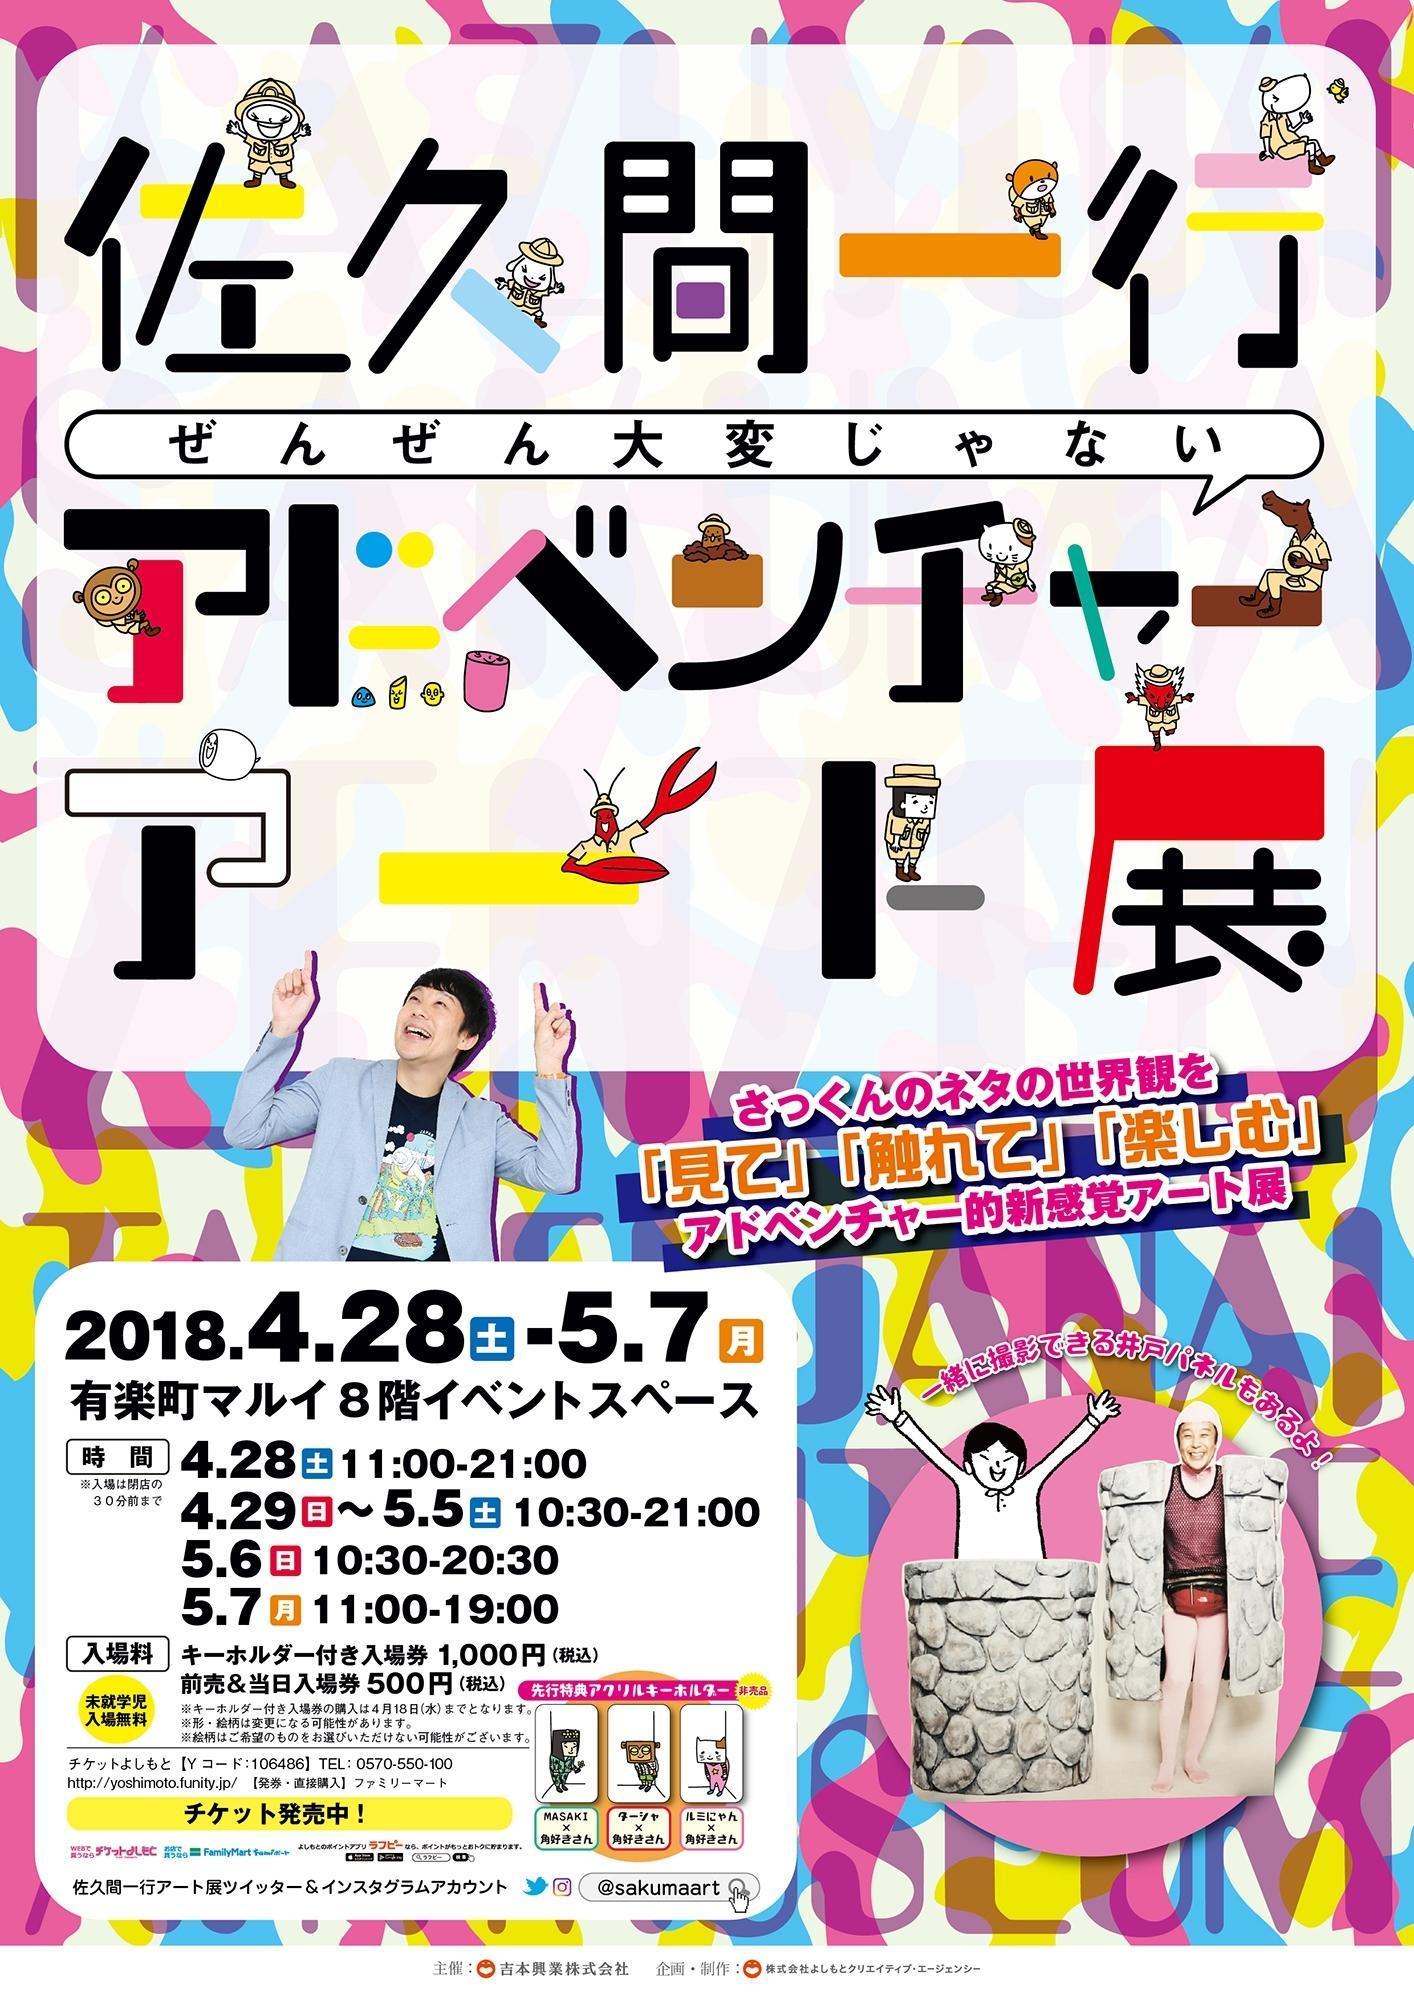 http://news.yoshimoto.co.jp/20180411162349-7ec897eded70639cba0f3cf0a6b3c4320cb0adbe.jpg